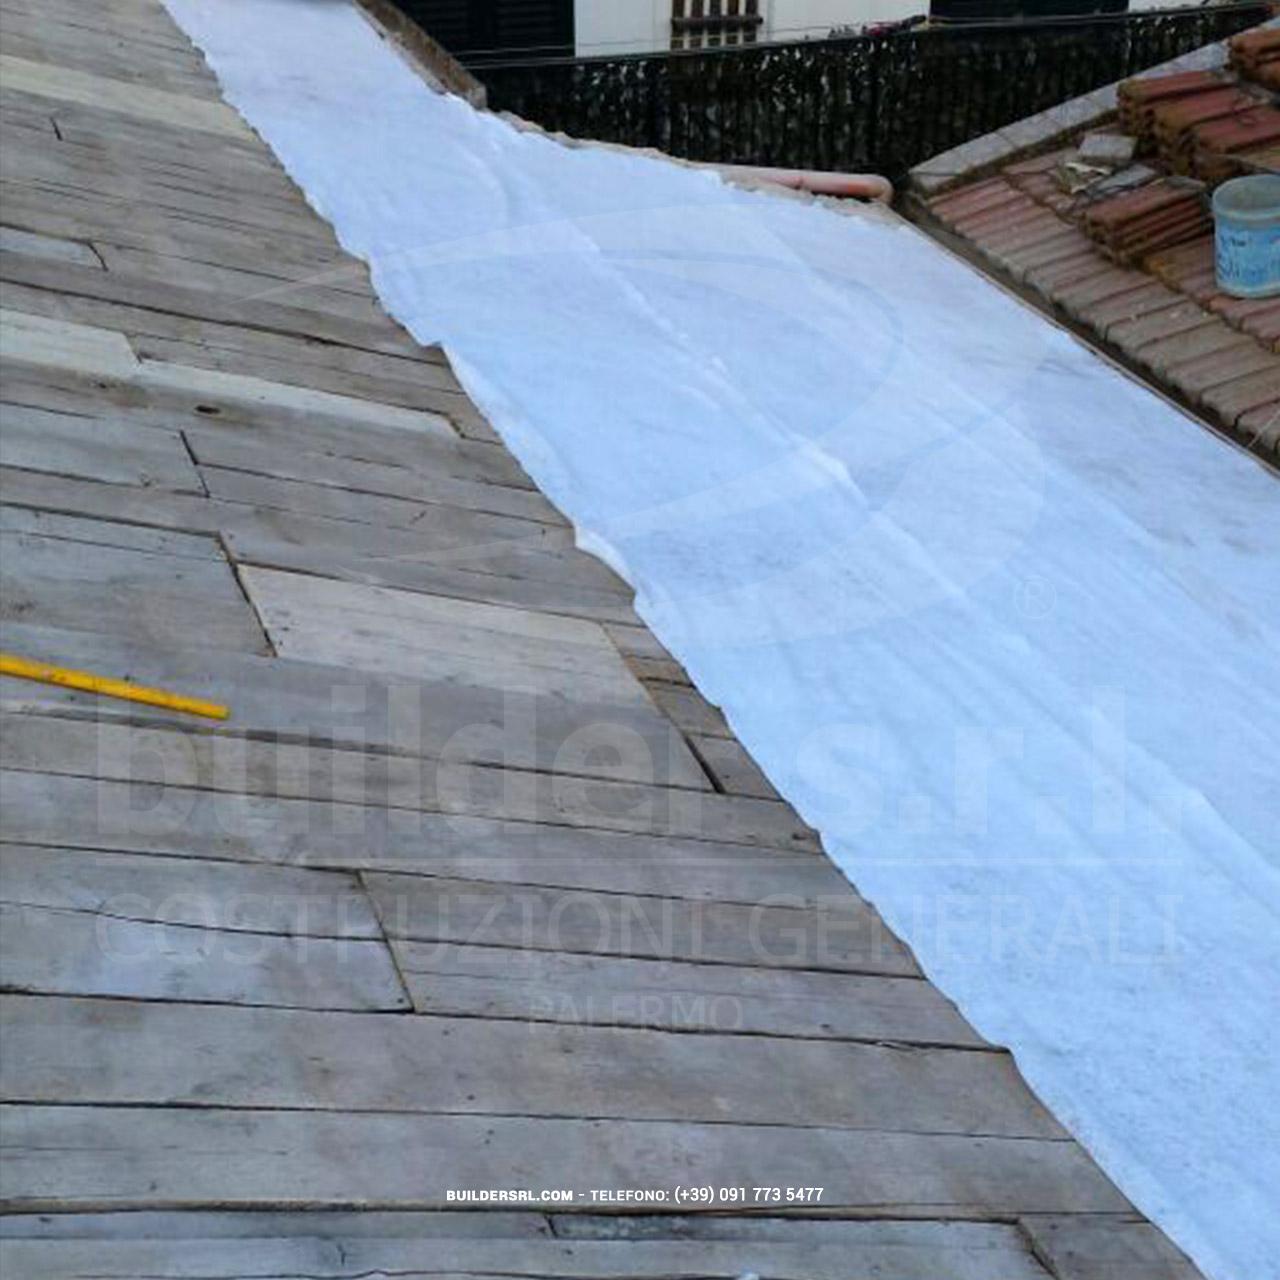 impermeabilizzazione del tetto e manutenzione ordinaria